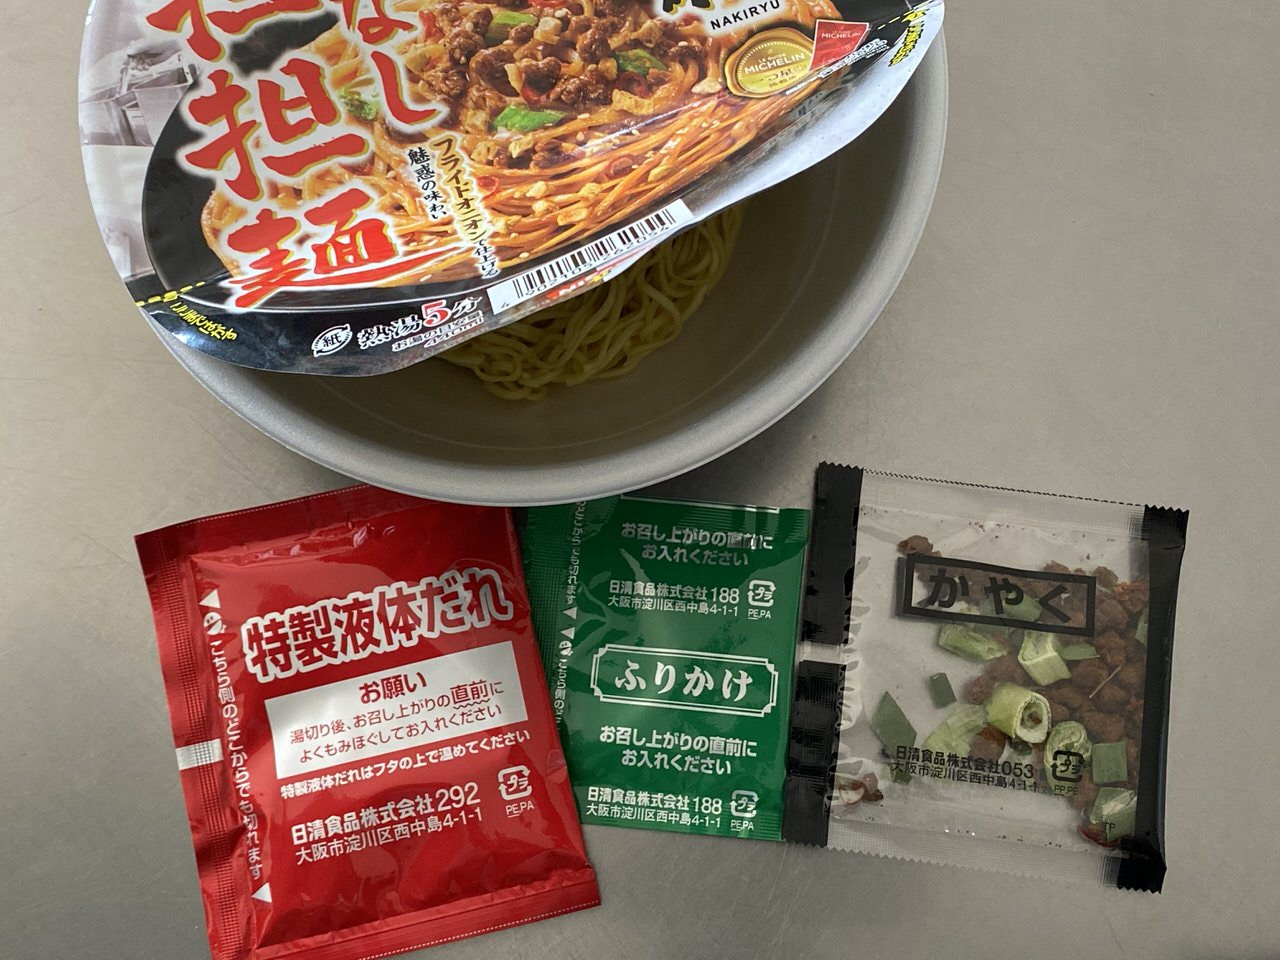 【セブンイレブン】「鳴龍 汁なし担担麺」1